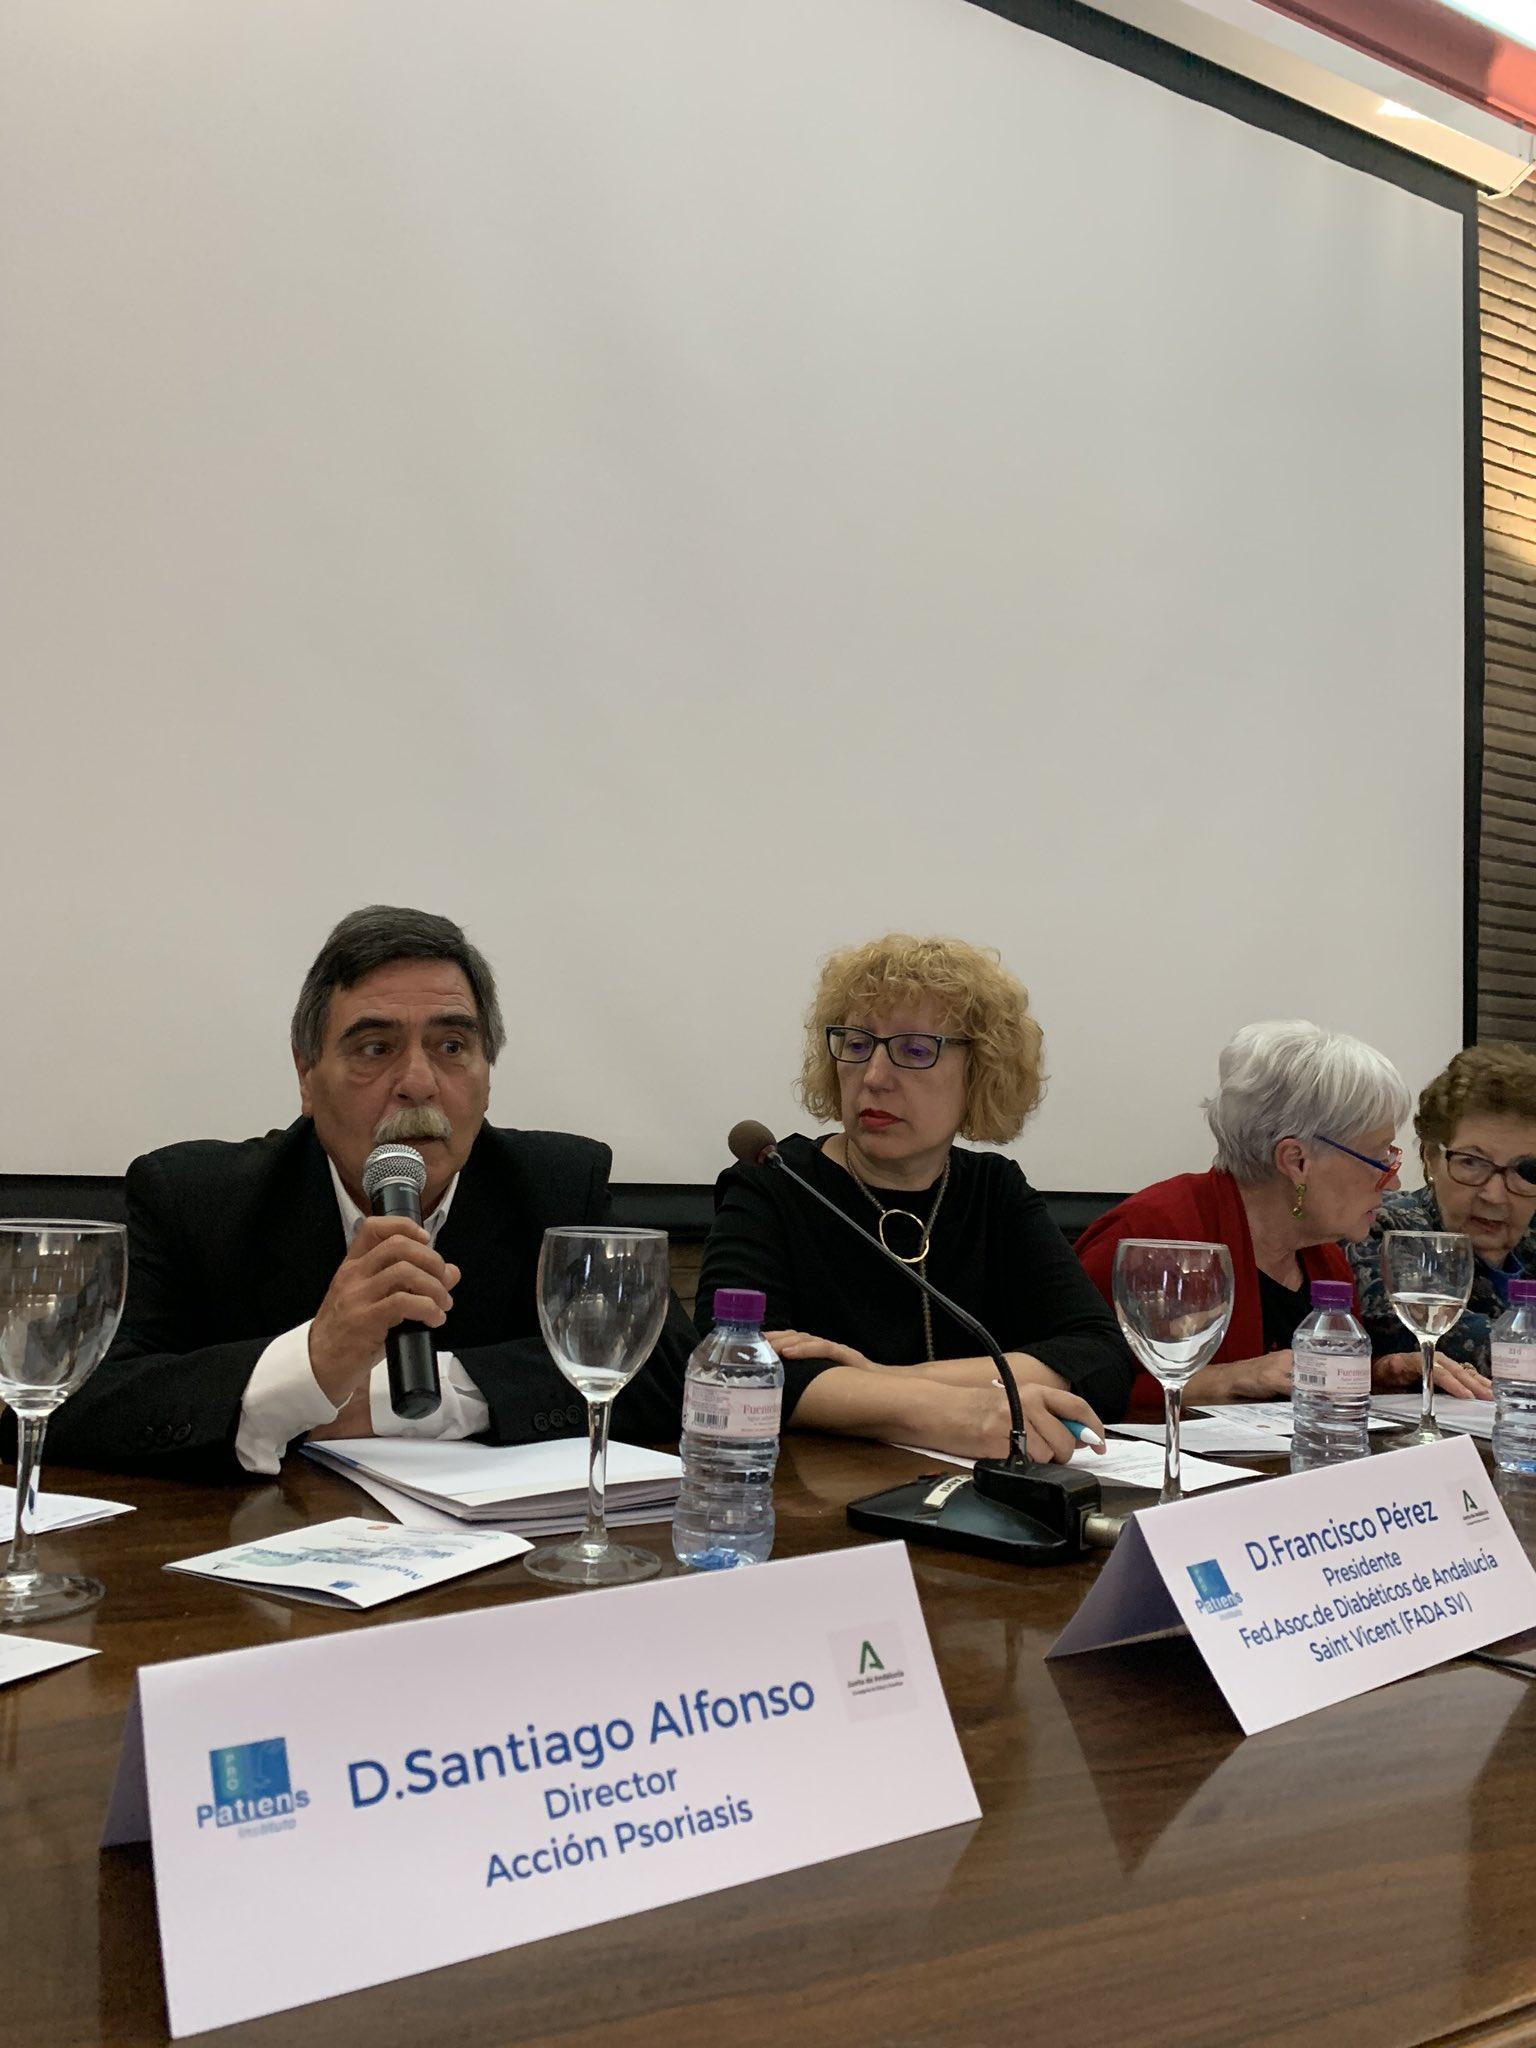 """ERsRoWOWoAAzBQG - El Instituto ProPatiens celebra en Sevilla la """"Jornada Medicamento y Sociedad: Las Asociaciones de Pacientes en Andalucía"""""""